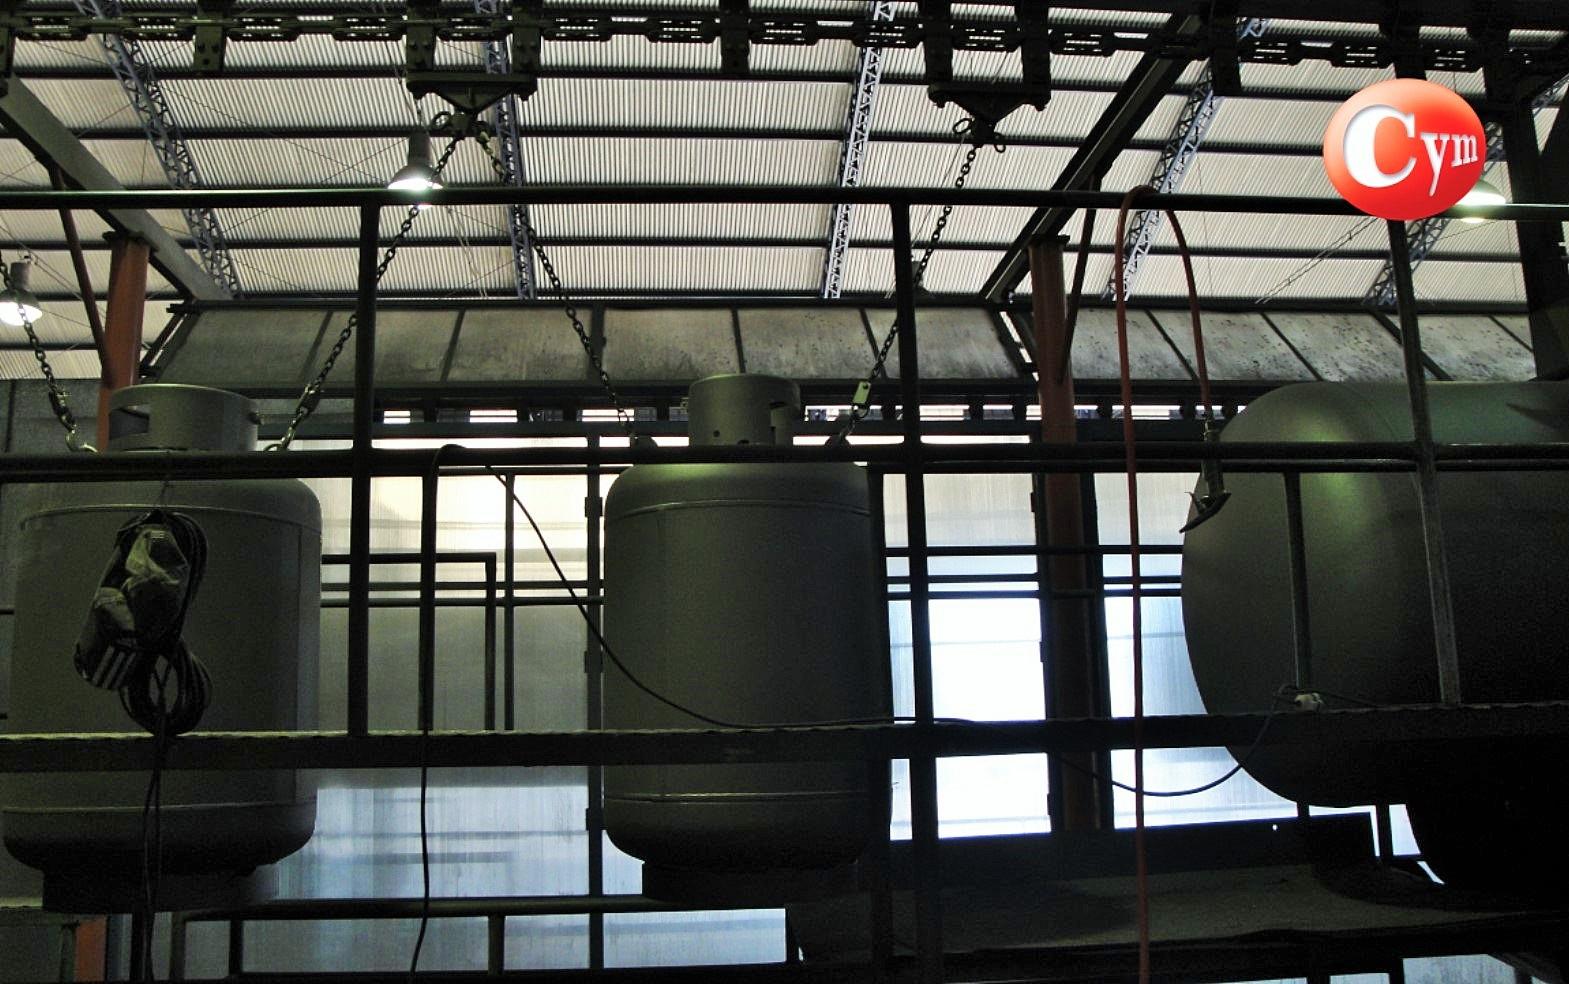 granalladora-de-gancho-continuo-para-tanques-de-gas-cymmateriales